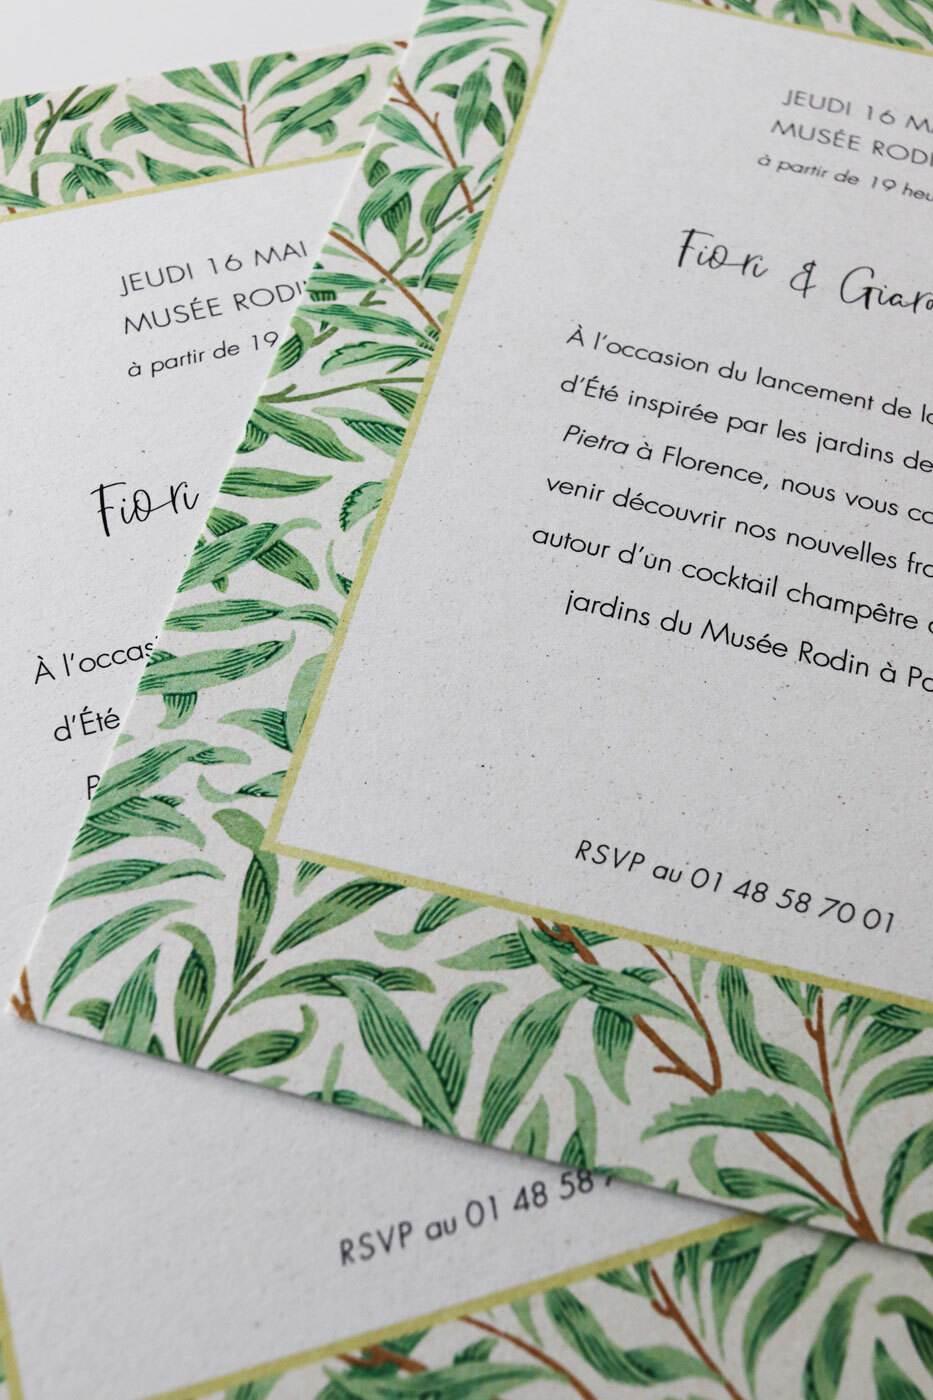 papier-ecologique-crush-mais-invitation